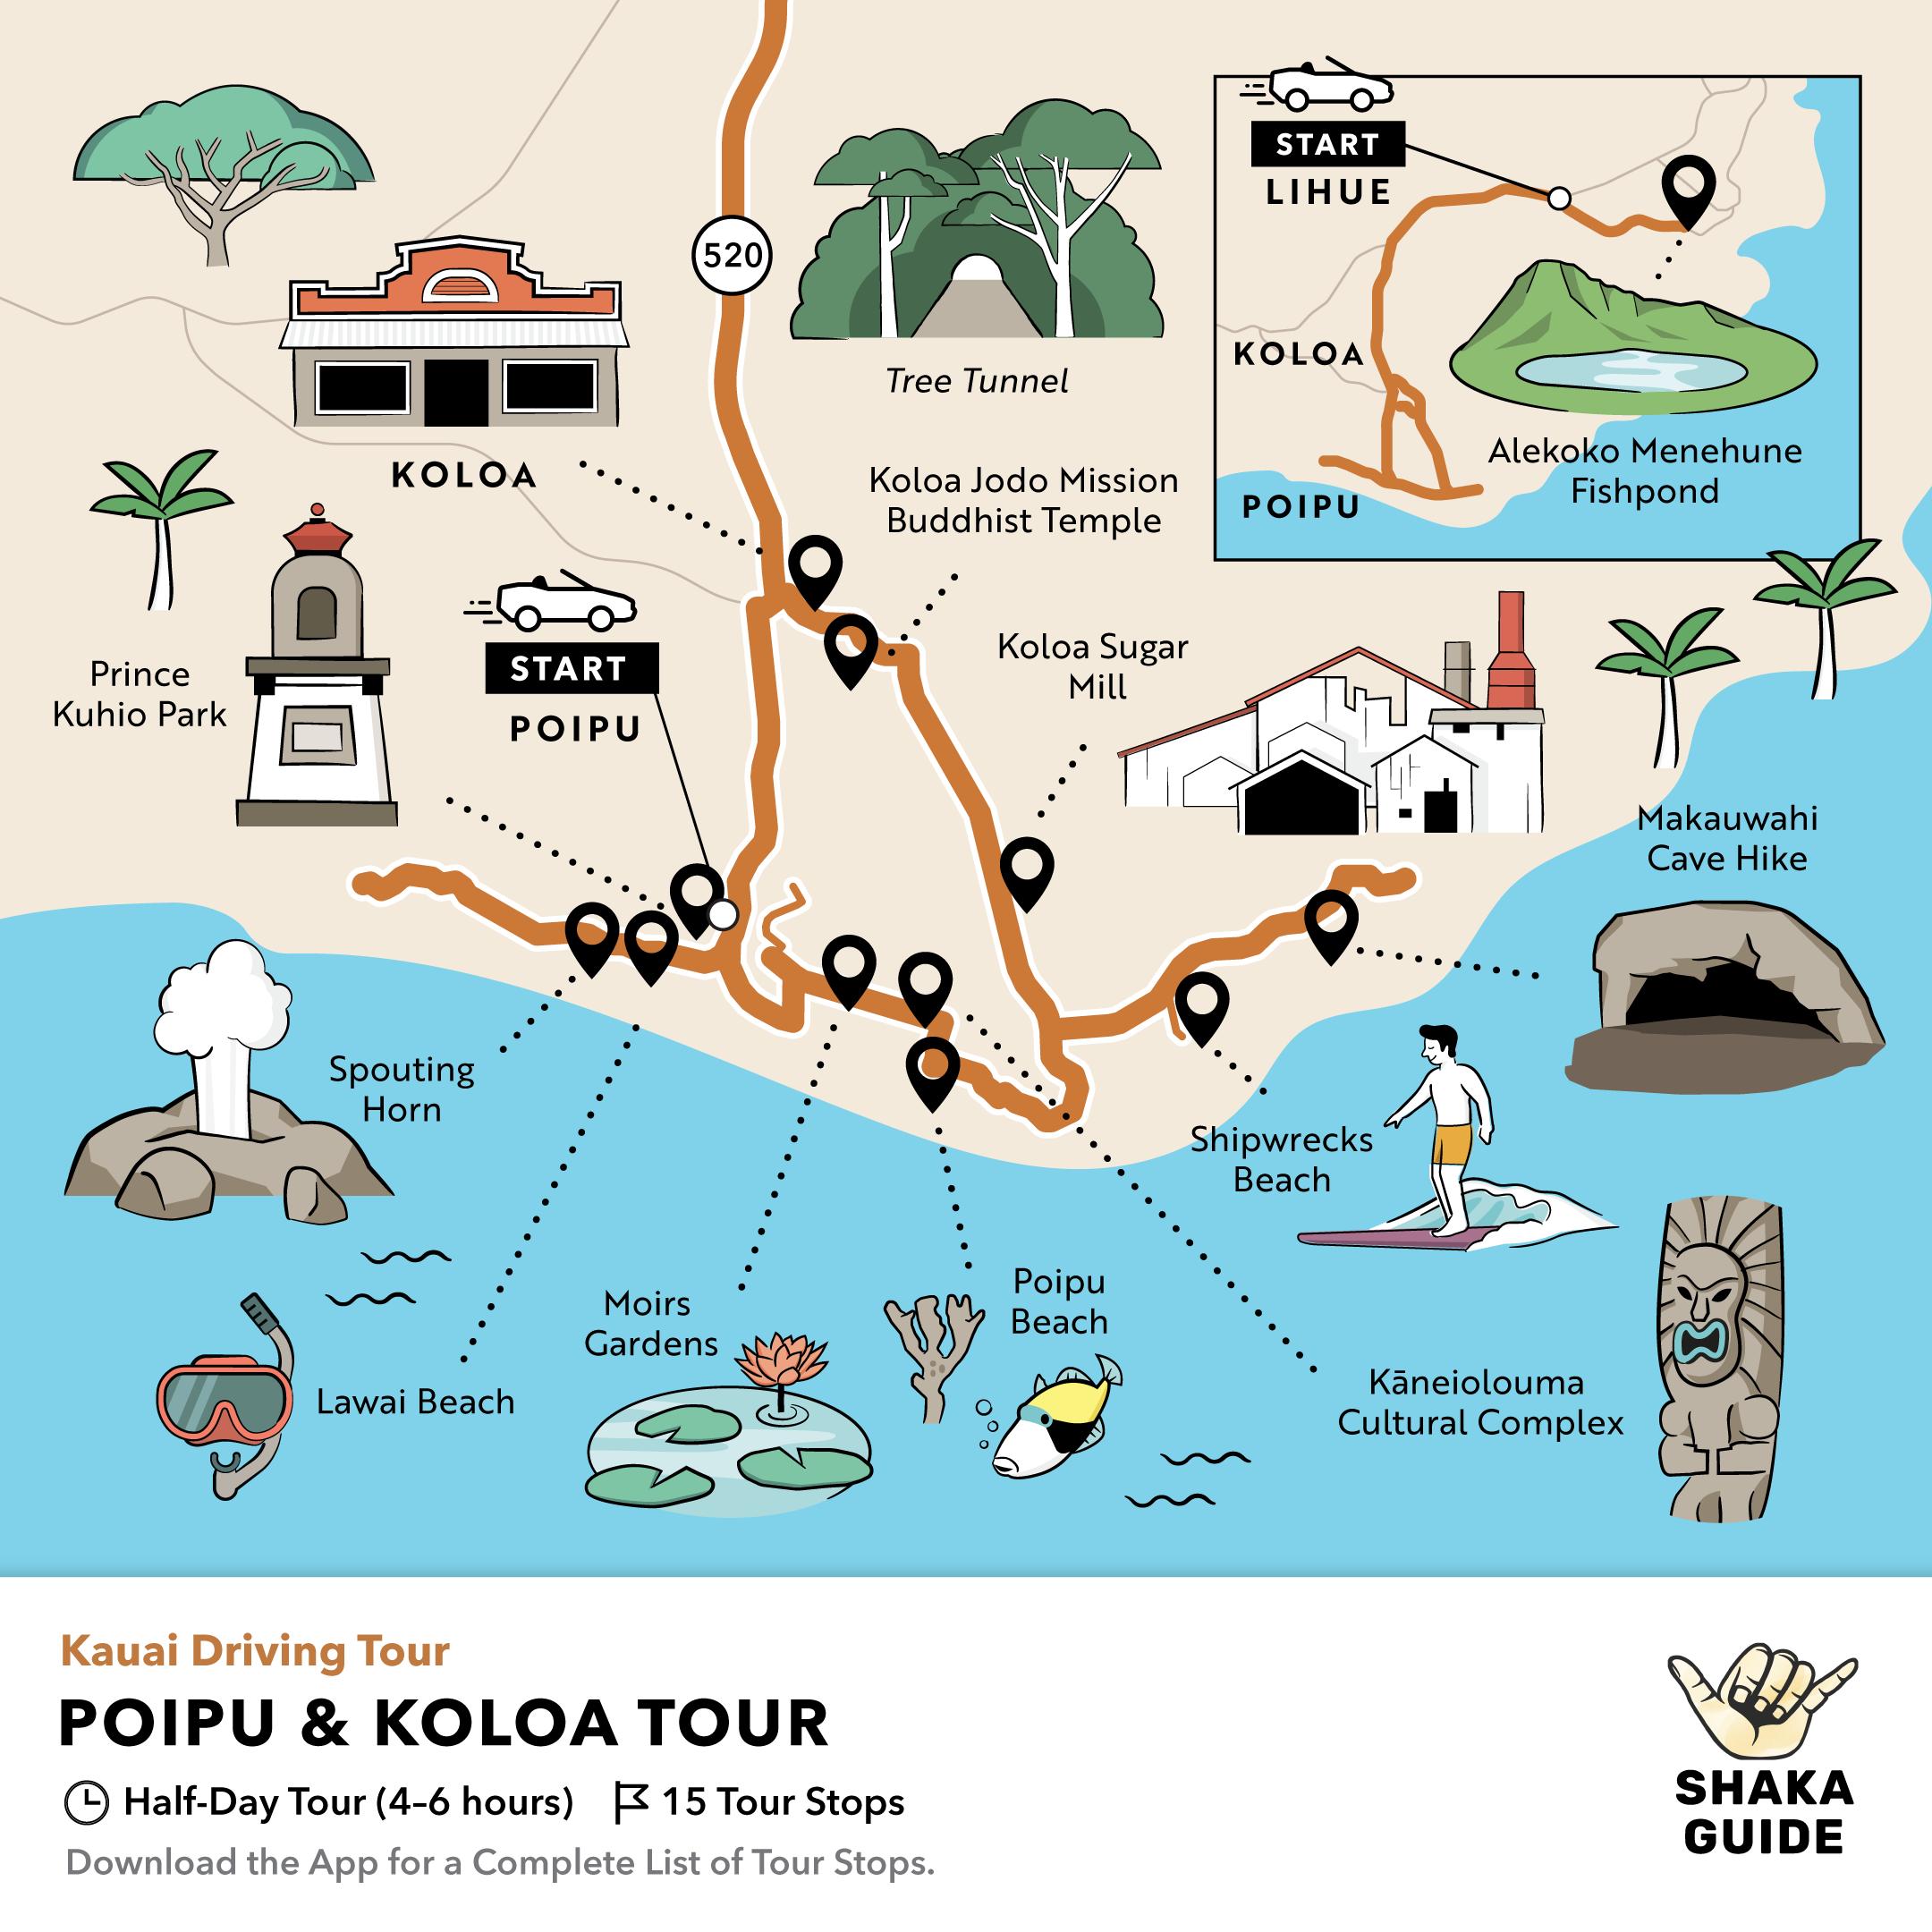 Shaka Guide's Poipu and Koloa Driving Tour